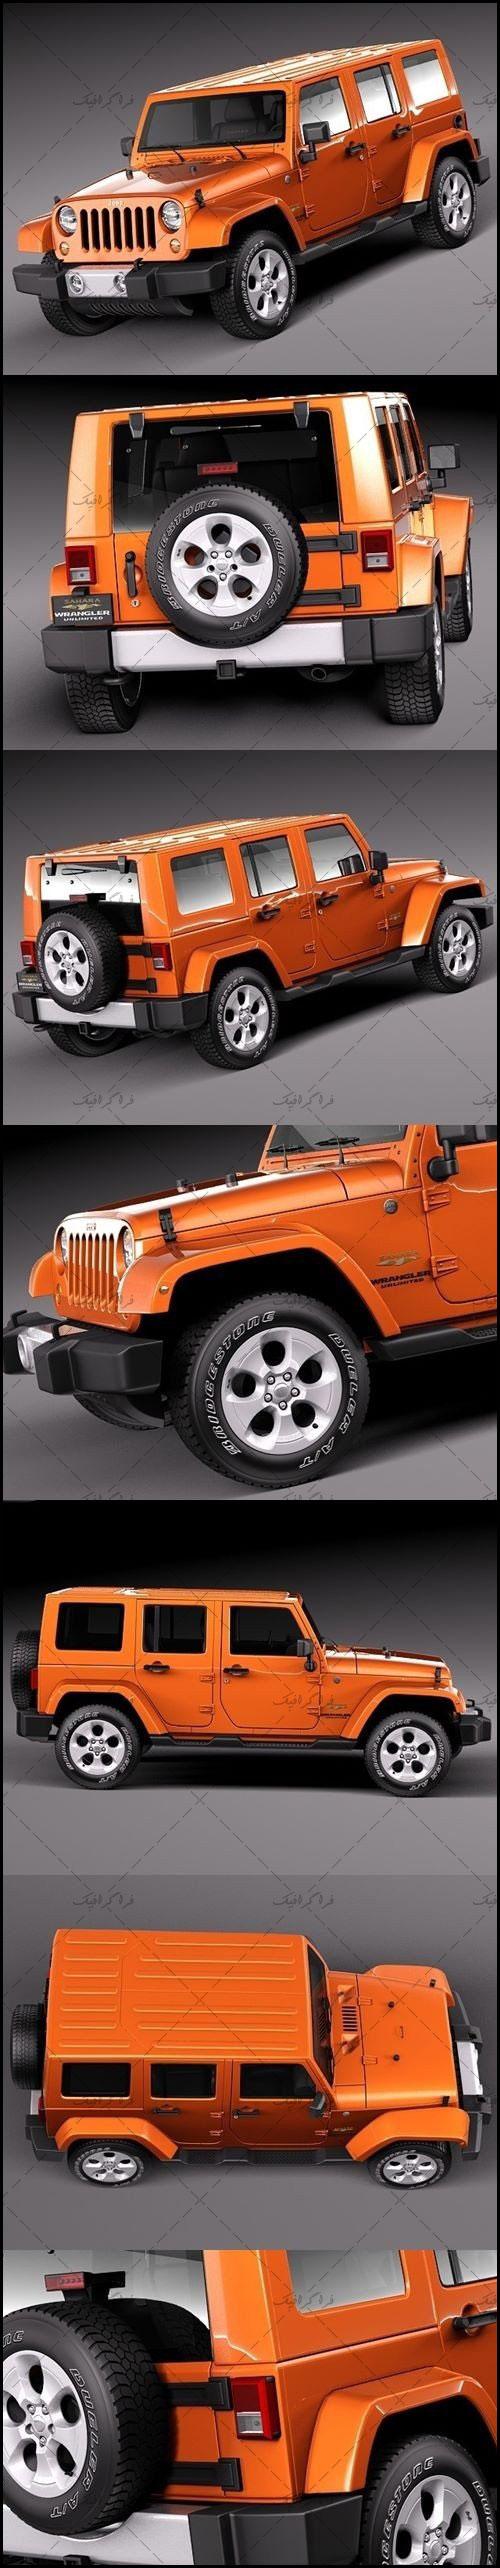 دانلود مدل سه بعدی اتومبیل جیپ Jeep Wrangler Sahara